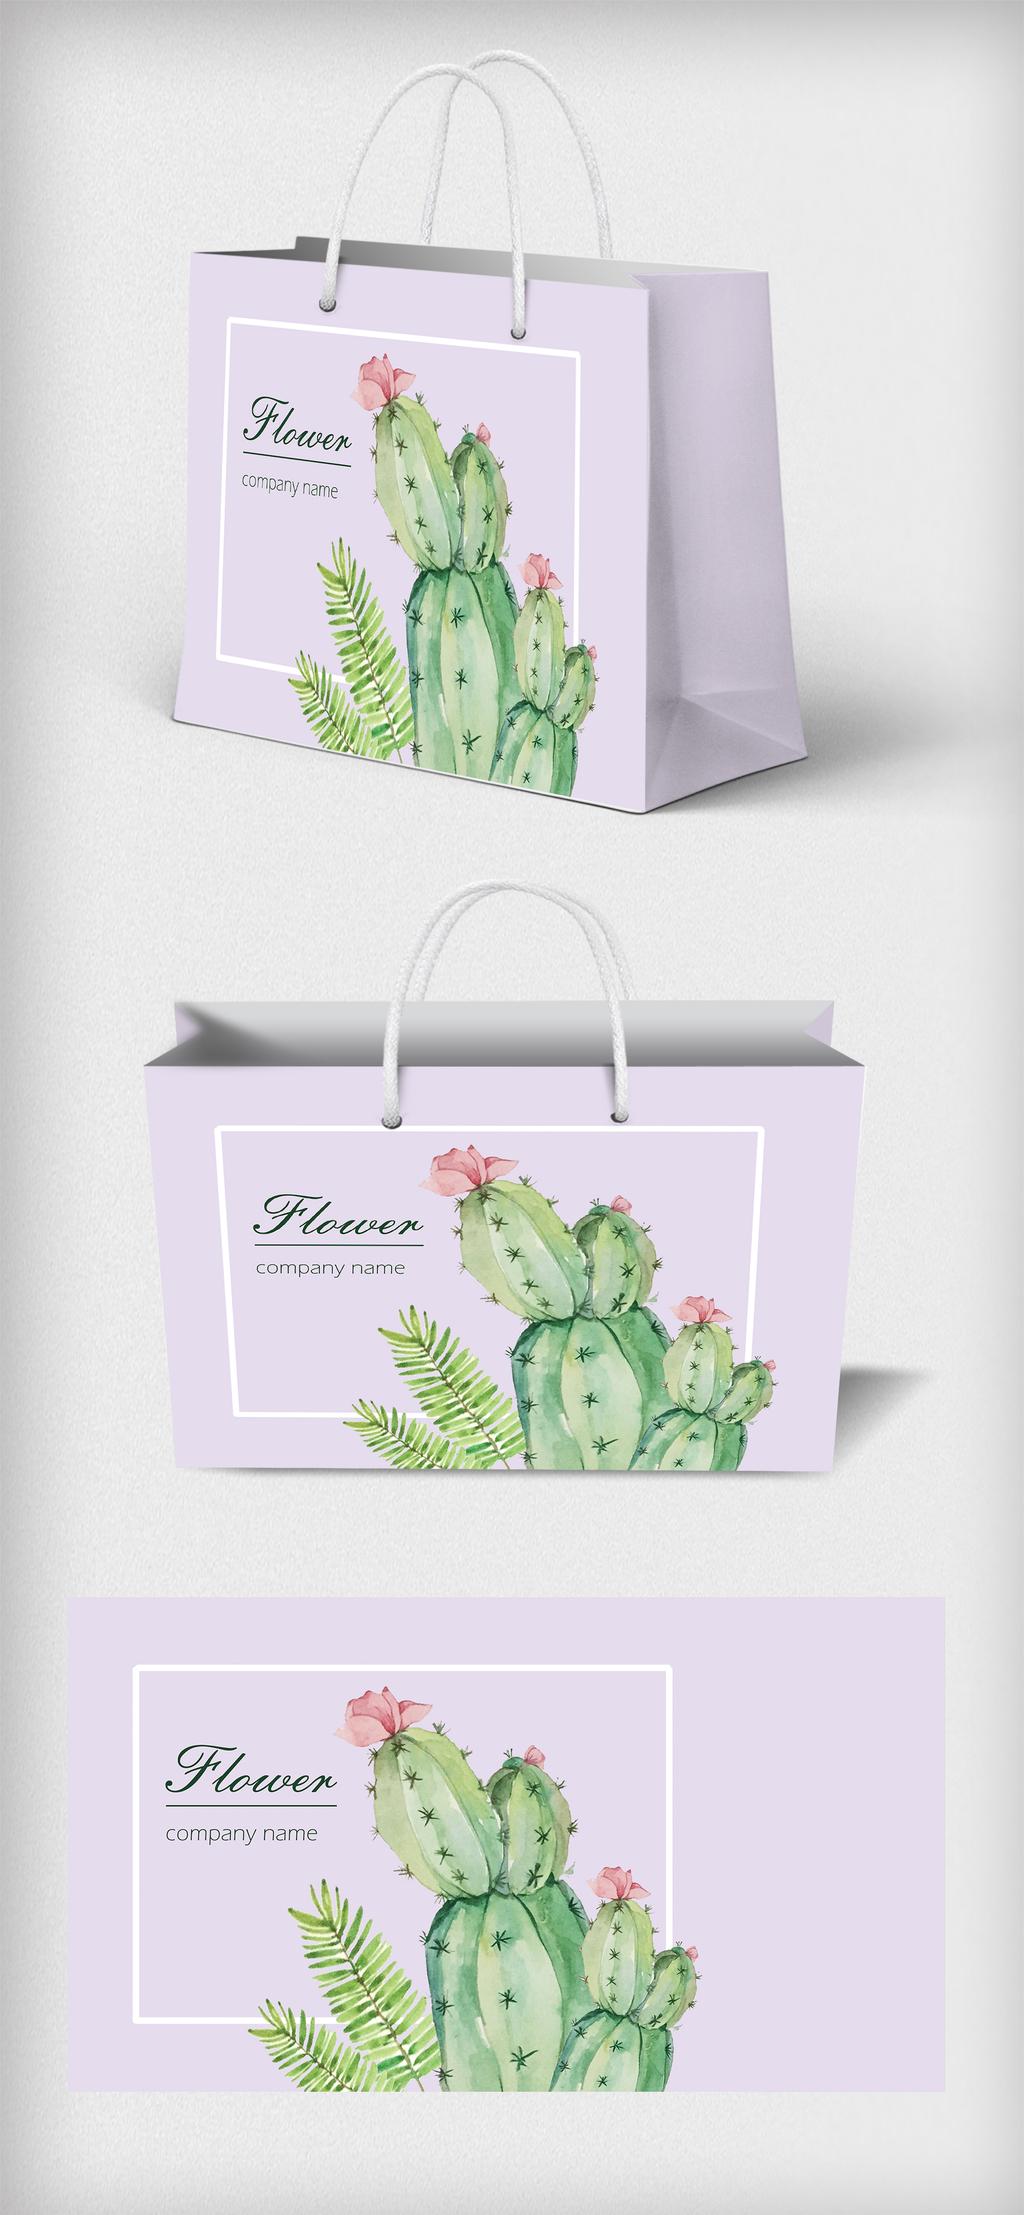 手绘仙人掌背景购物手提袋包装设计